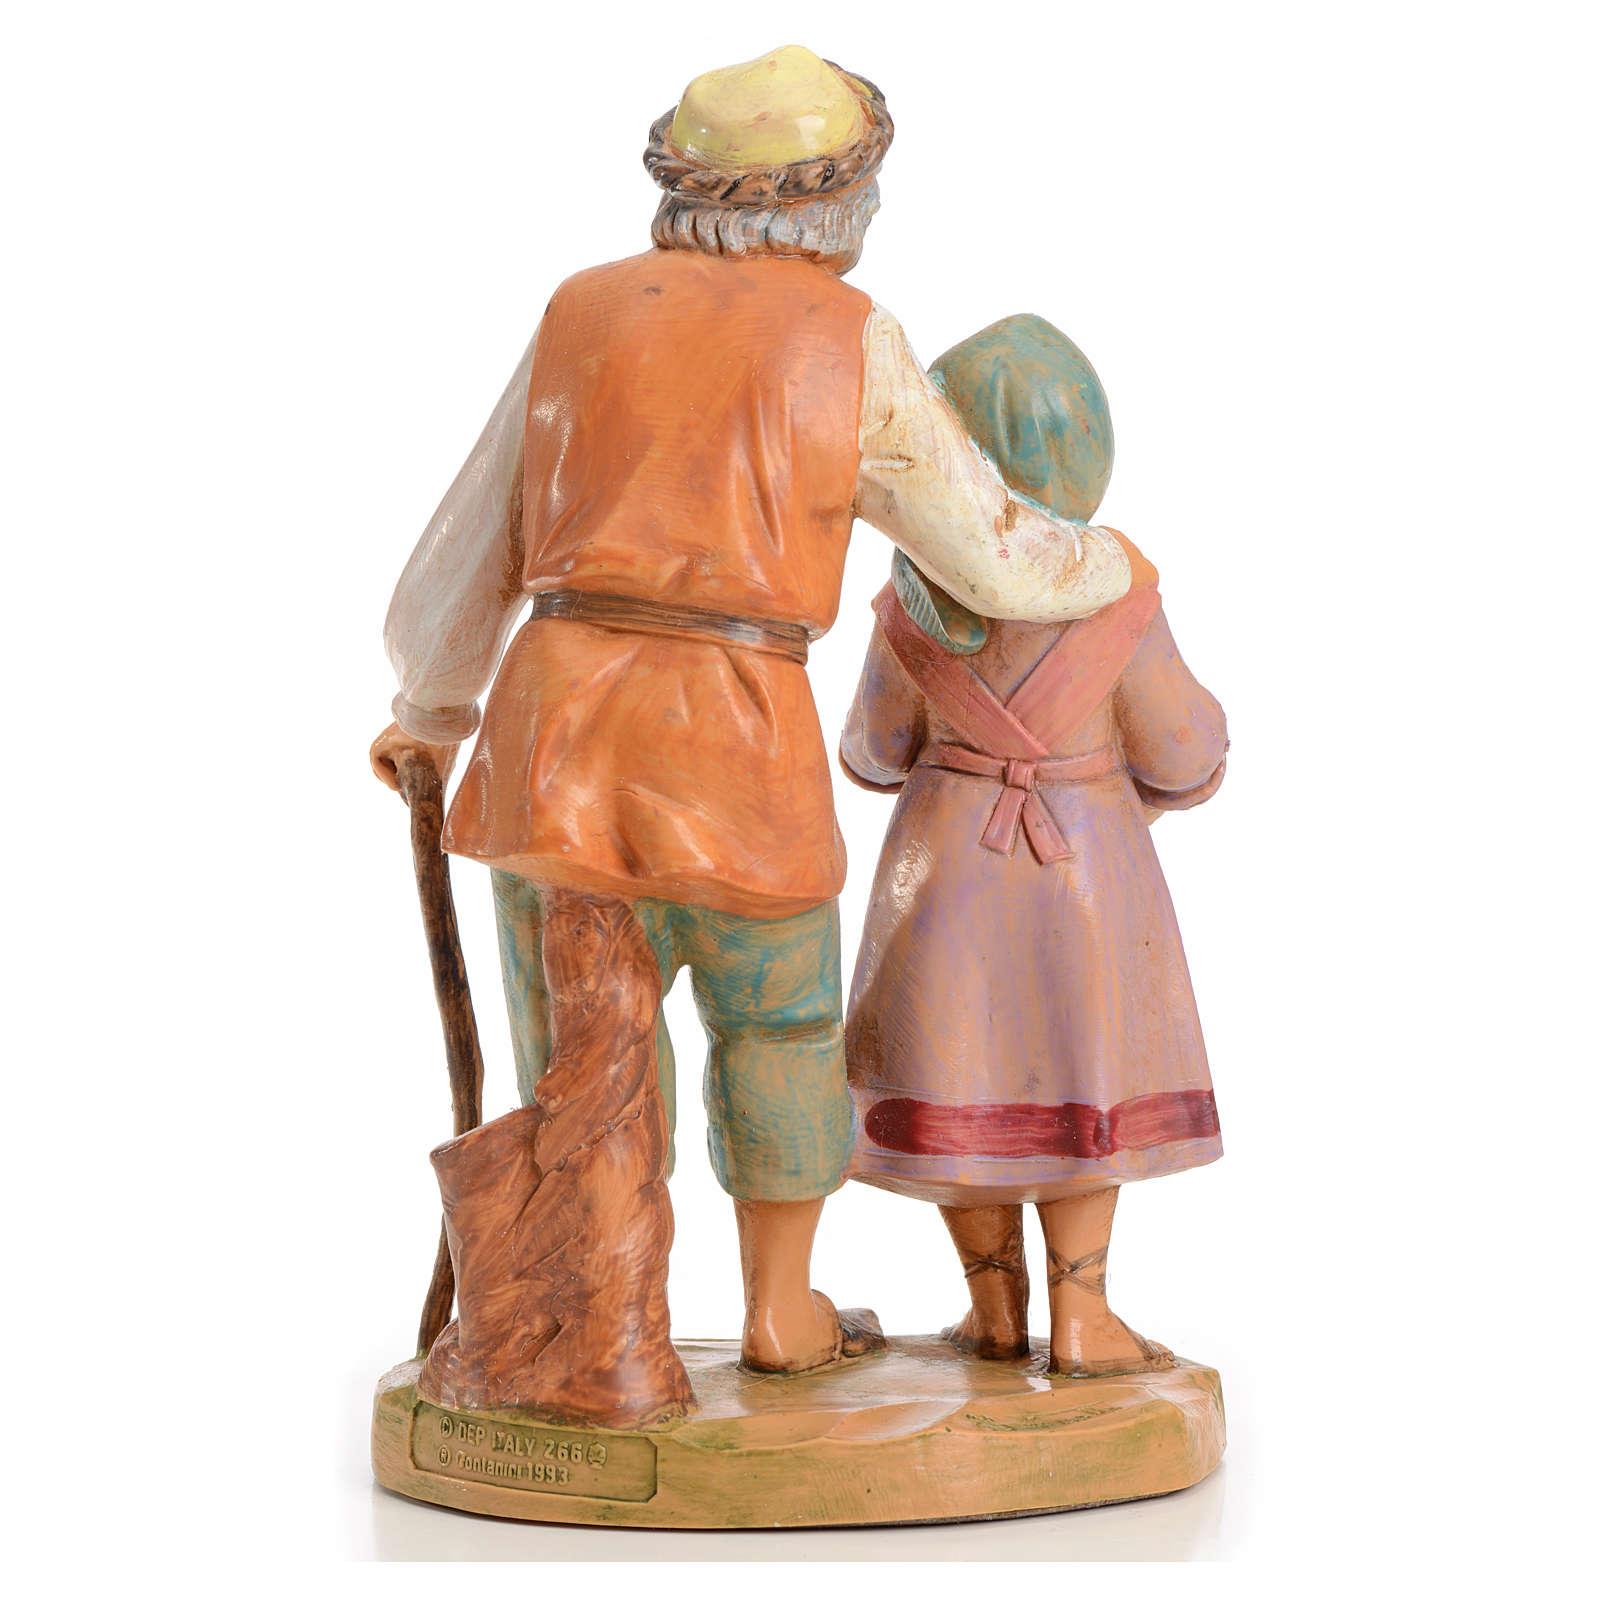 Abigail et Peter crèche 12 cm édition limité 3